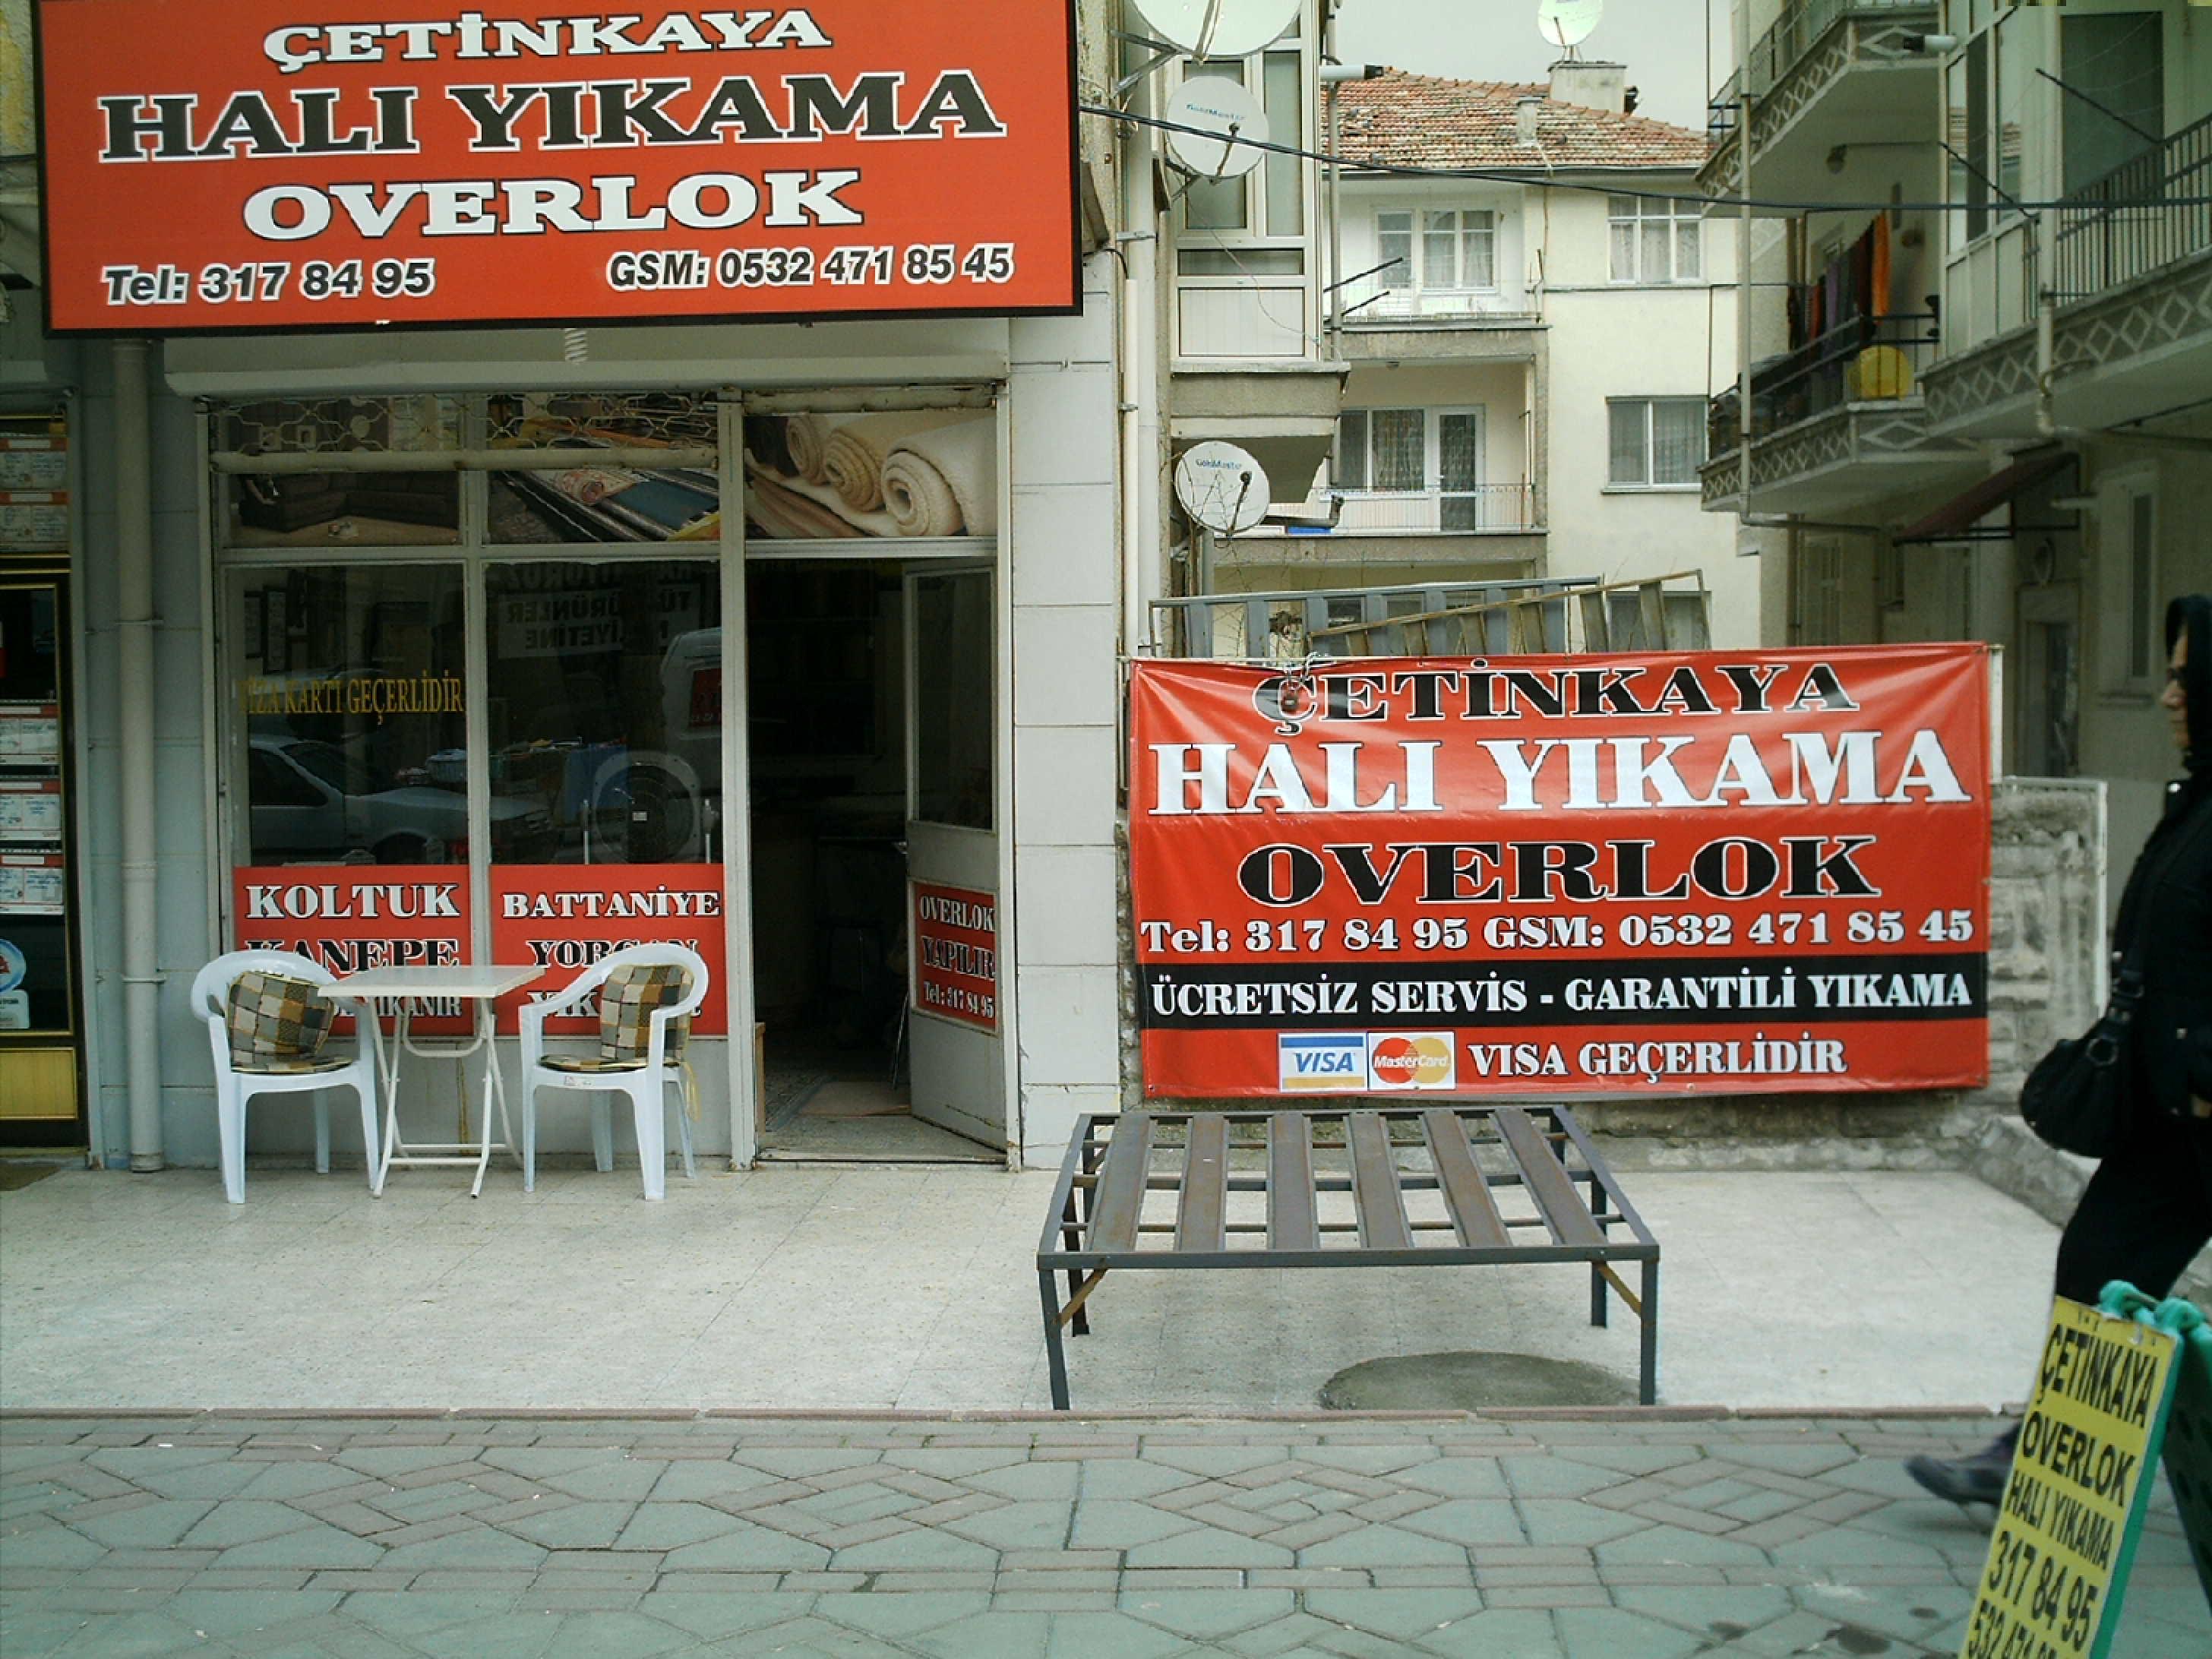 güneşevler_hali_yikama_servis-1 (3)